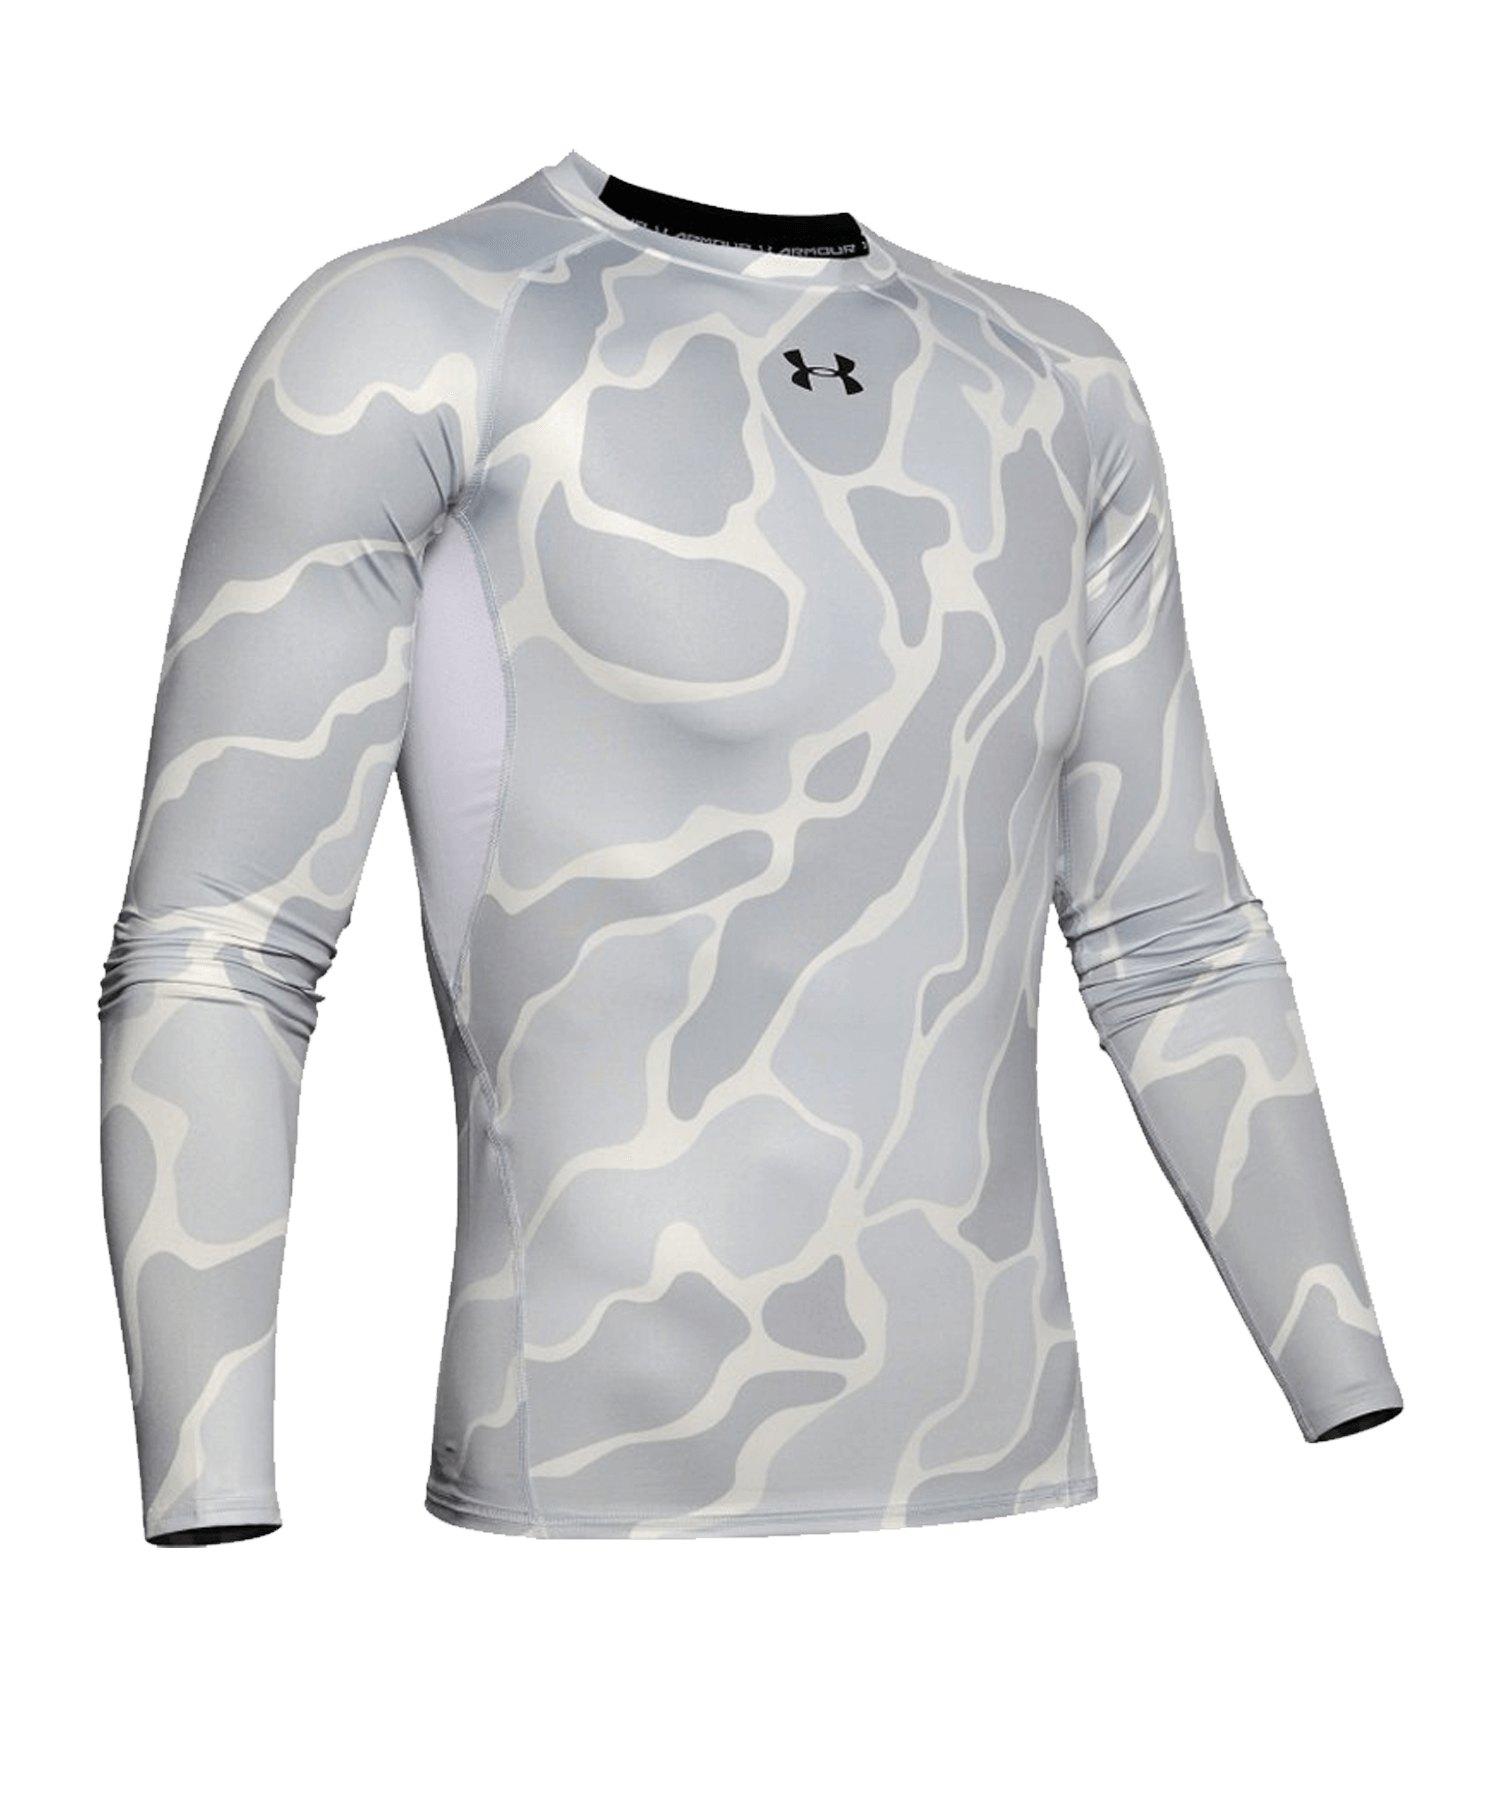 Under Armour Heatgear Longsleeve Shirt F101 - weiss